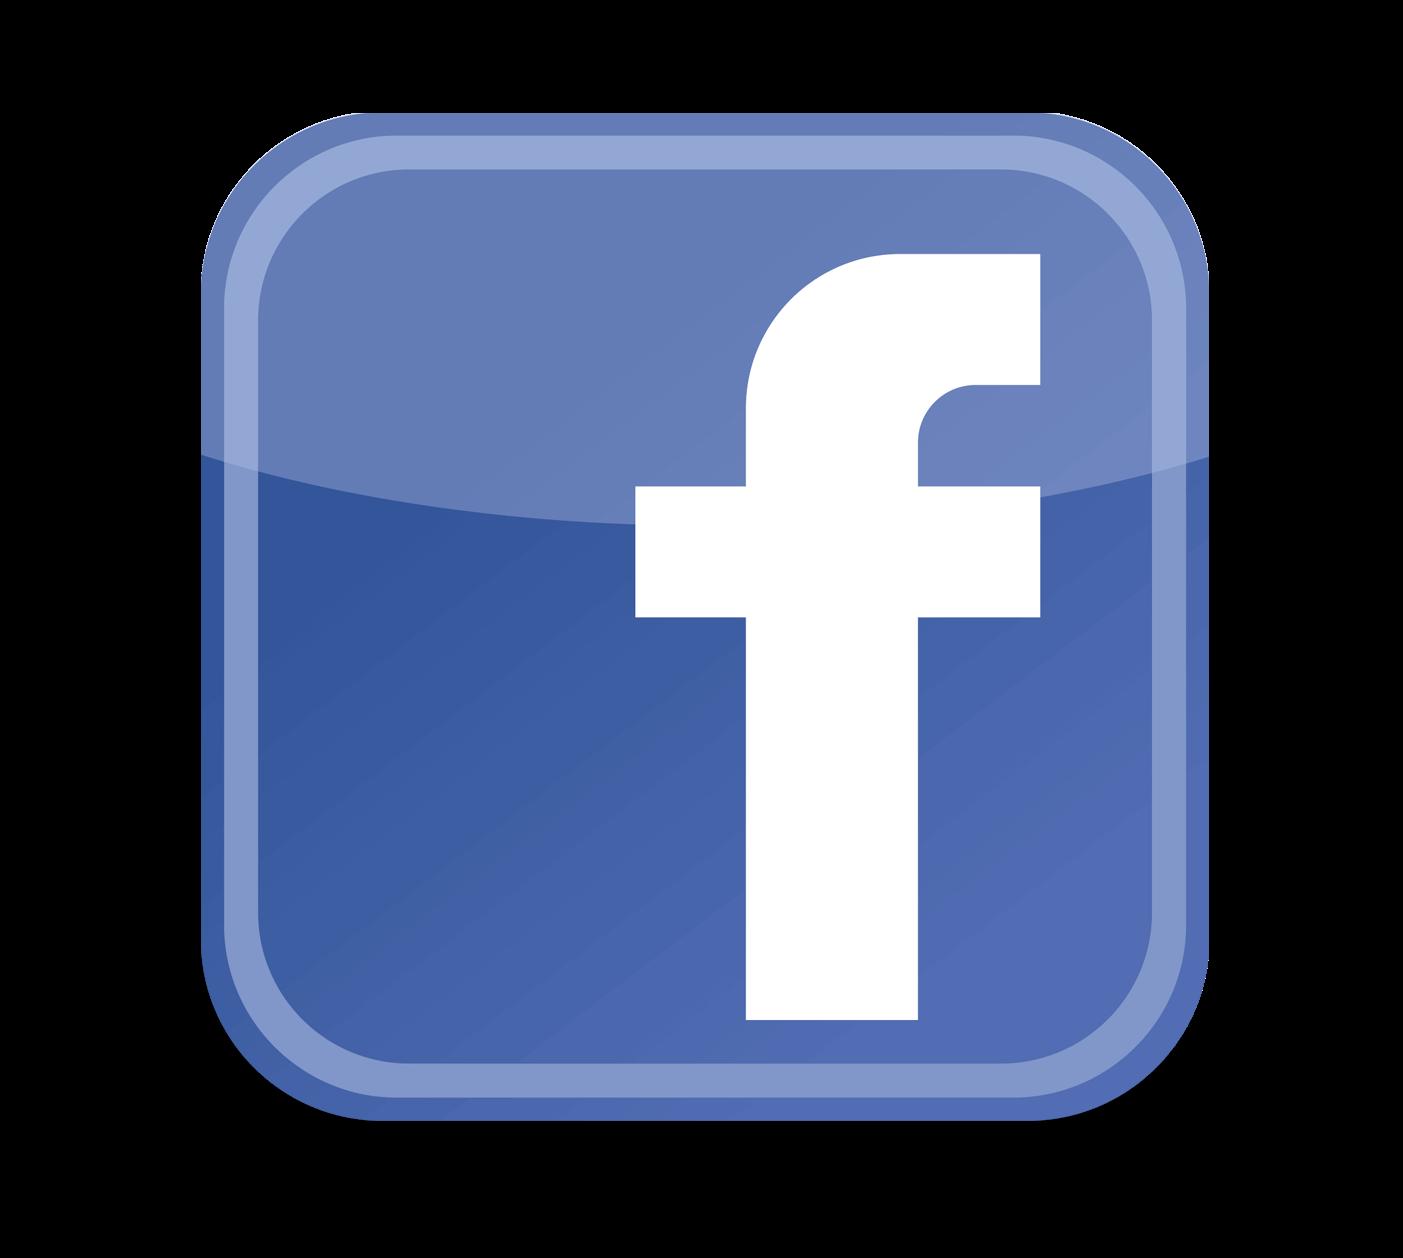 گروه فیسبوکی پیشگویی